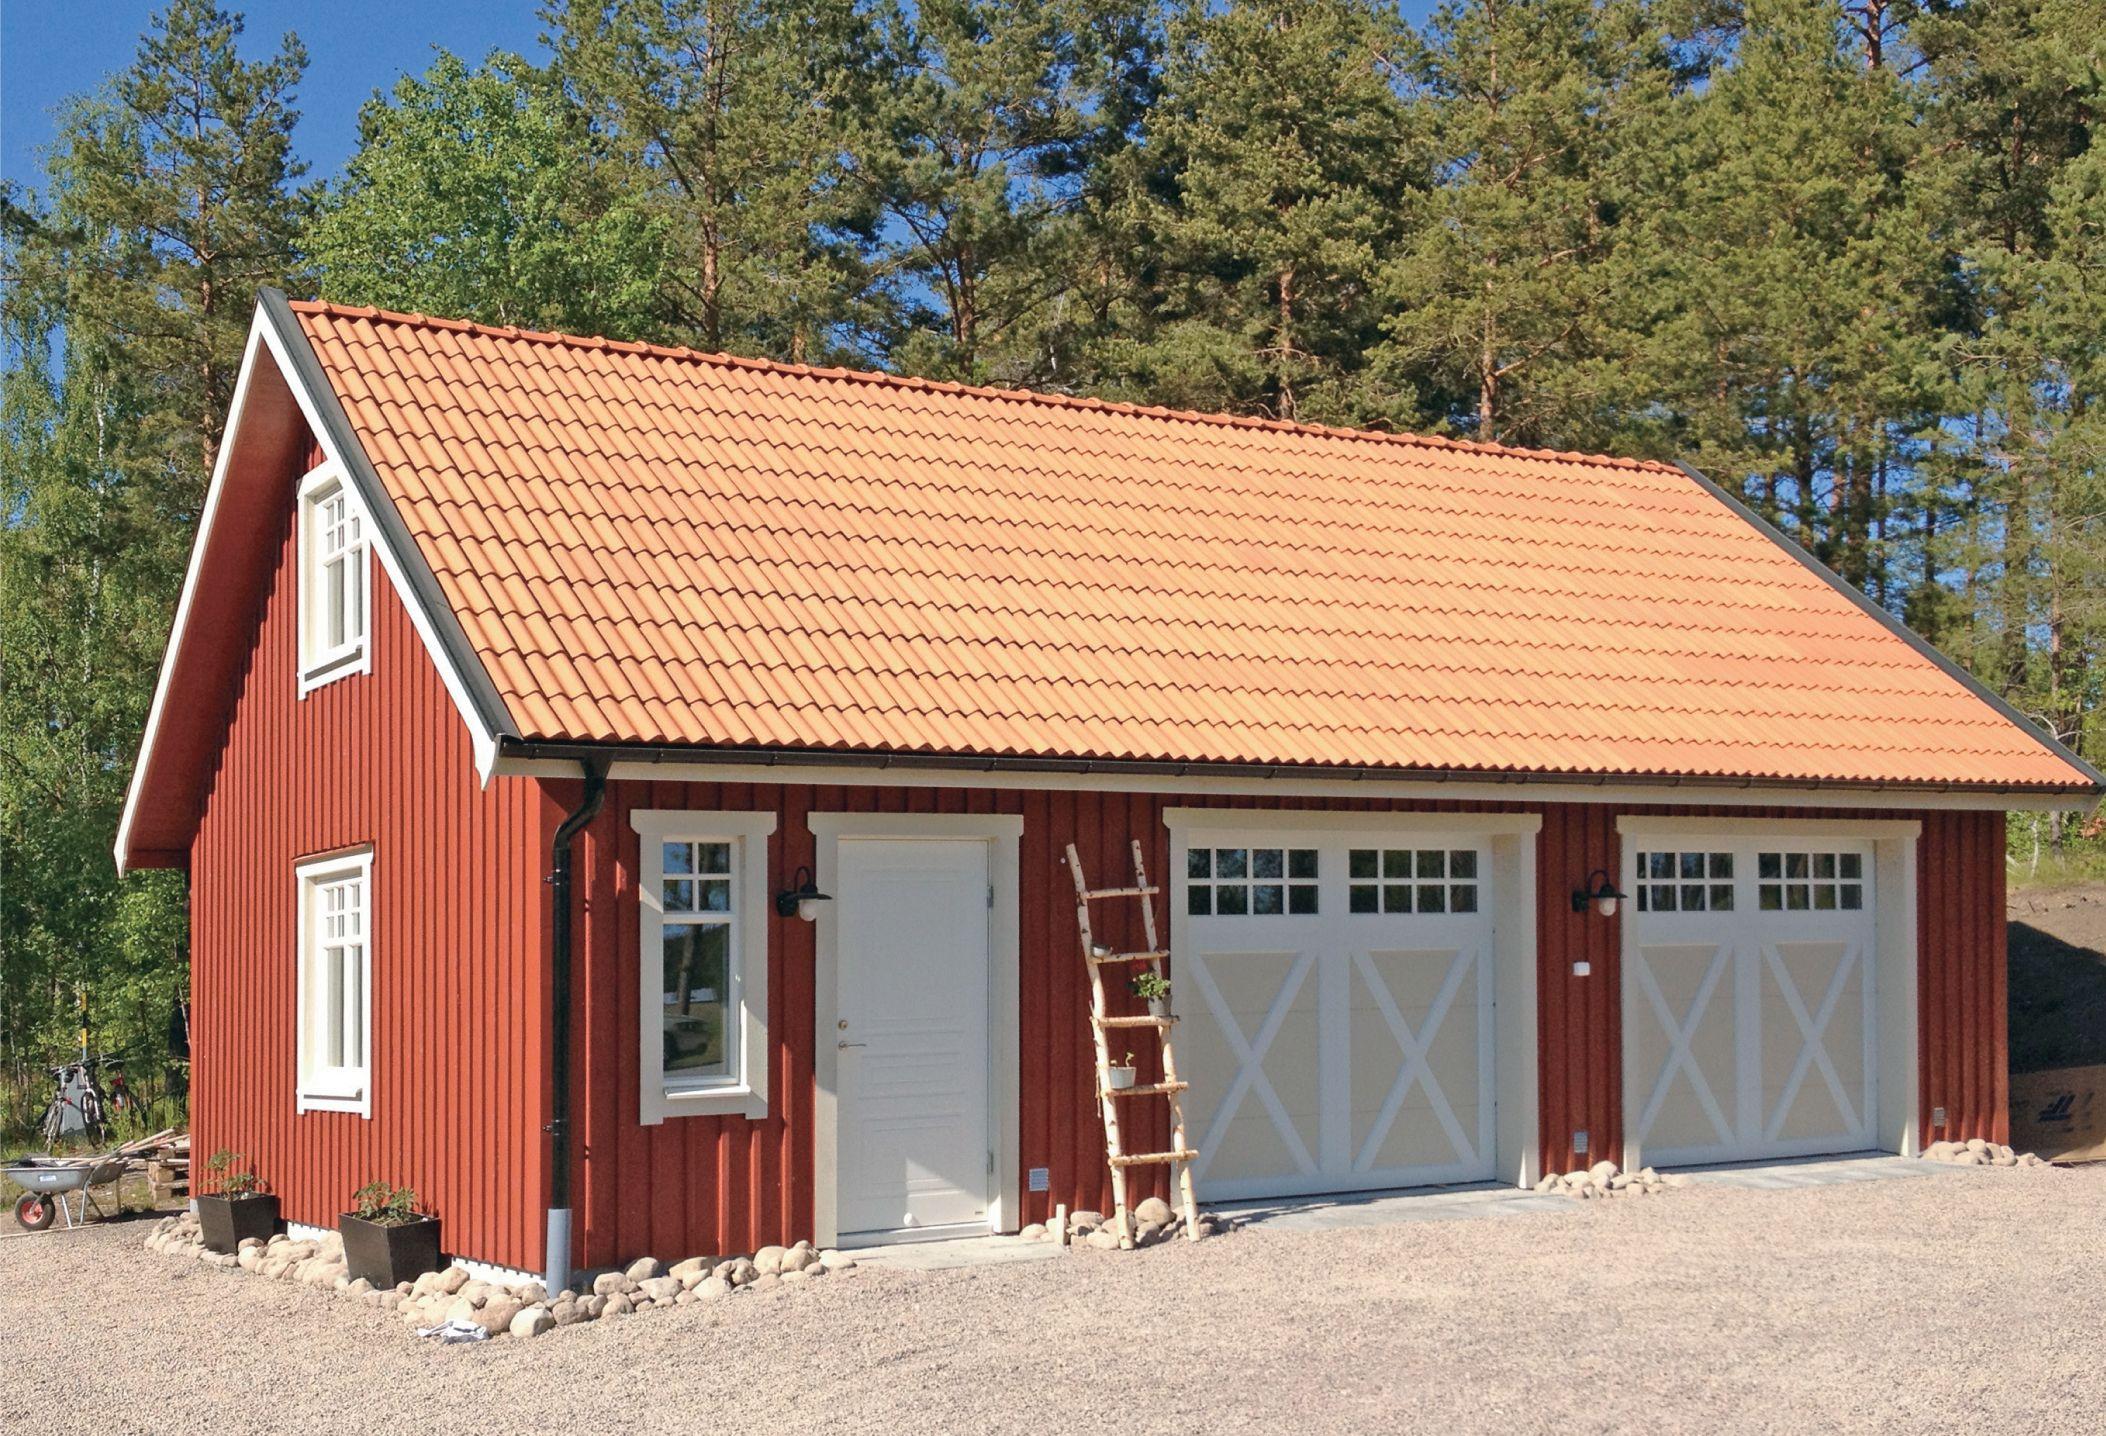 Bildresultat för garageport gammal stil Garageport